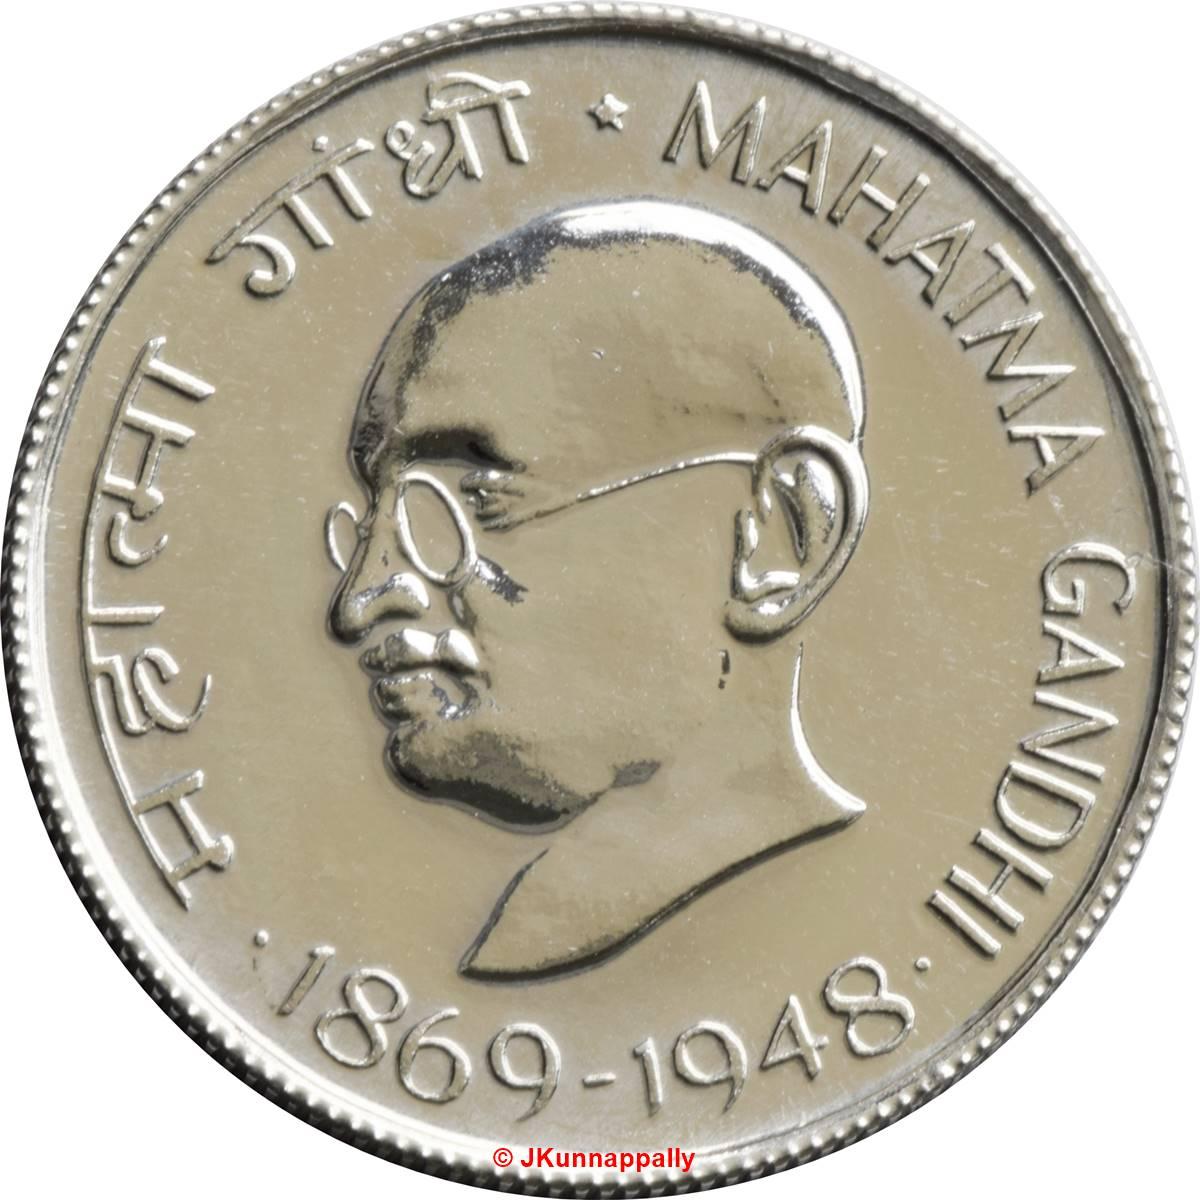 ATLANTA CU $1 1969 1 F//B BLOCK w P-1.